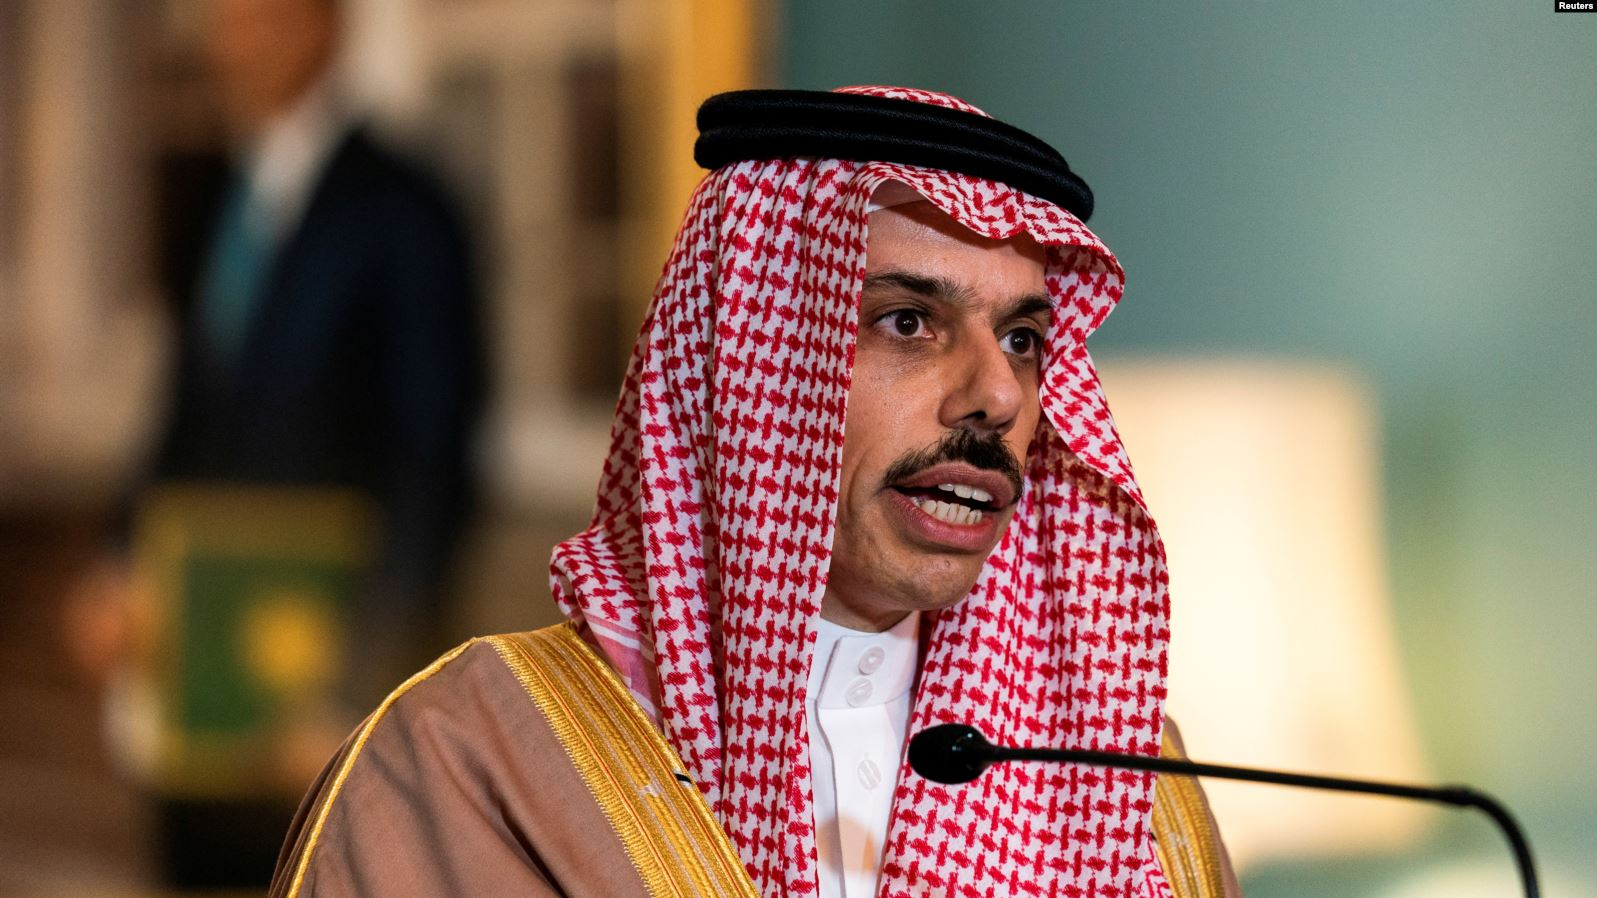 سعودیه: پێویسته بهشداربین له دانوستانهكانی پهیوهست به بهرنامهی ئهتۆمی ئێران